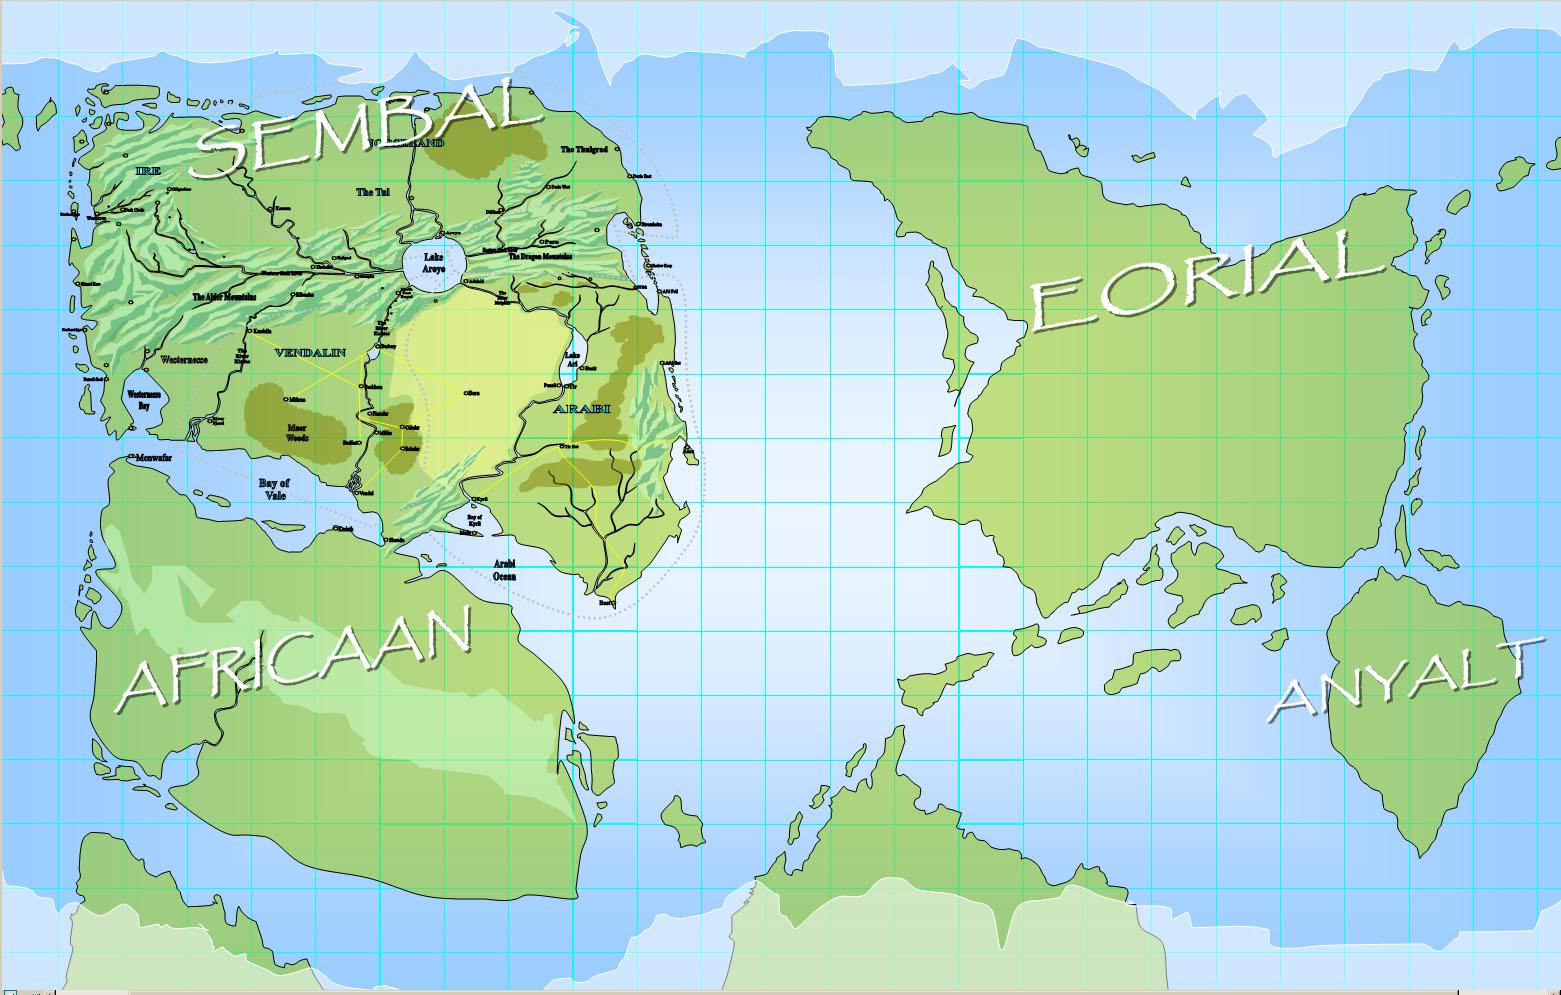 Angathal Continents